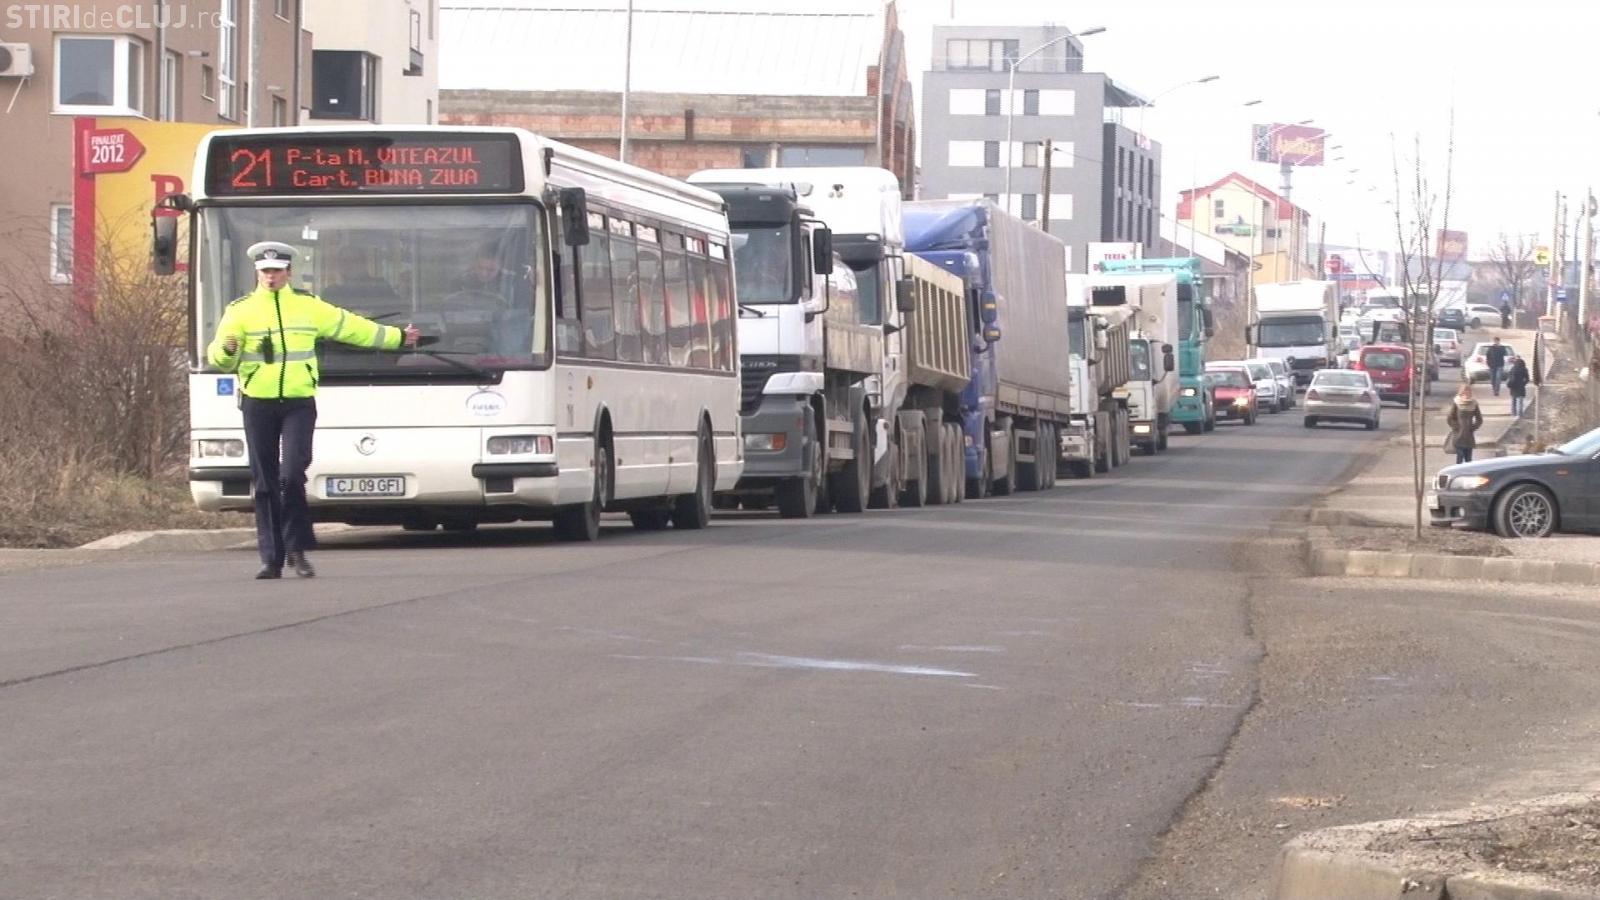 Primăria promite lărgirea străzii Bună Ziua: Dacă nu vom avea o mare problemă